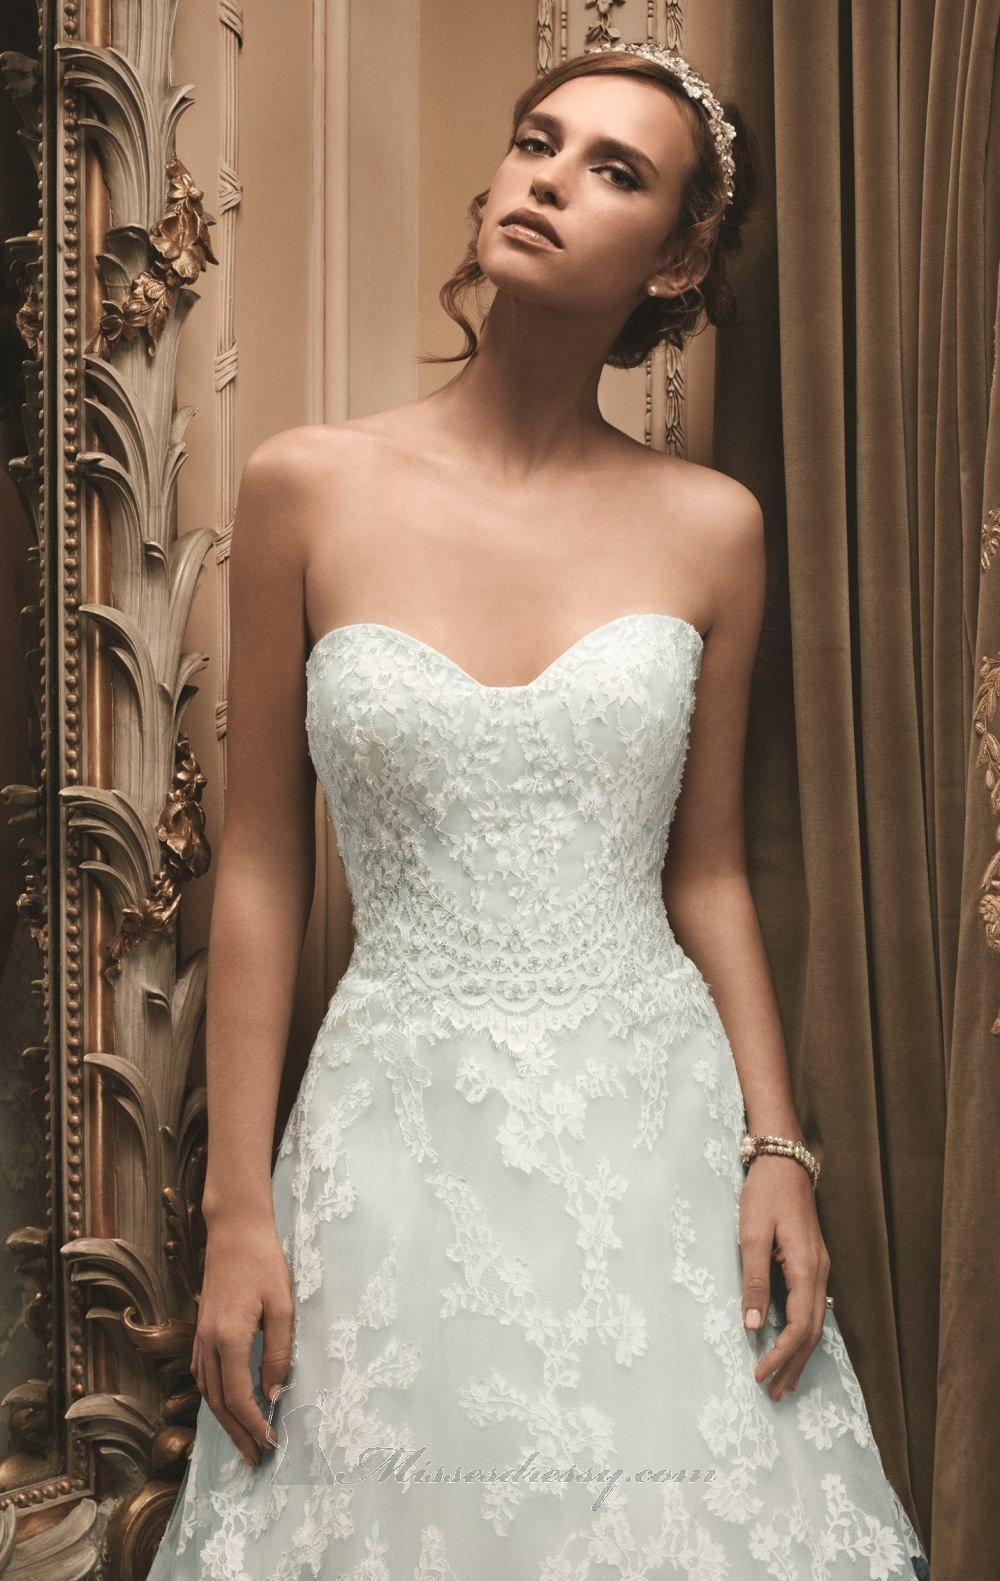 Casablanca bridal 2127 by casablanca bridal wedding